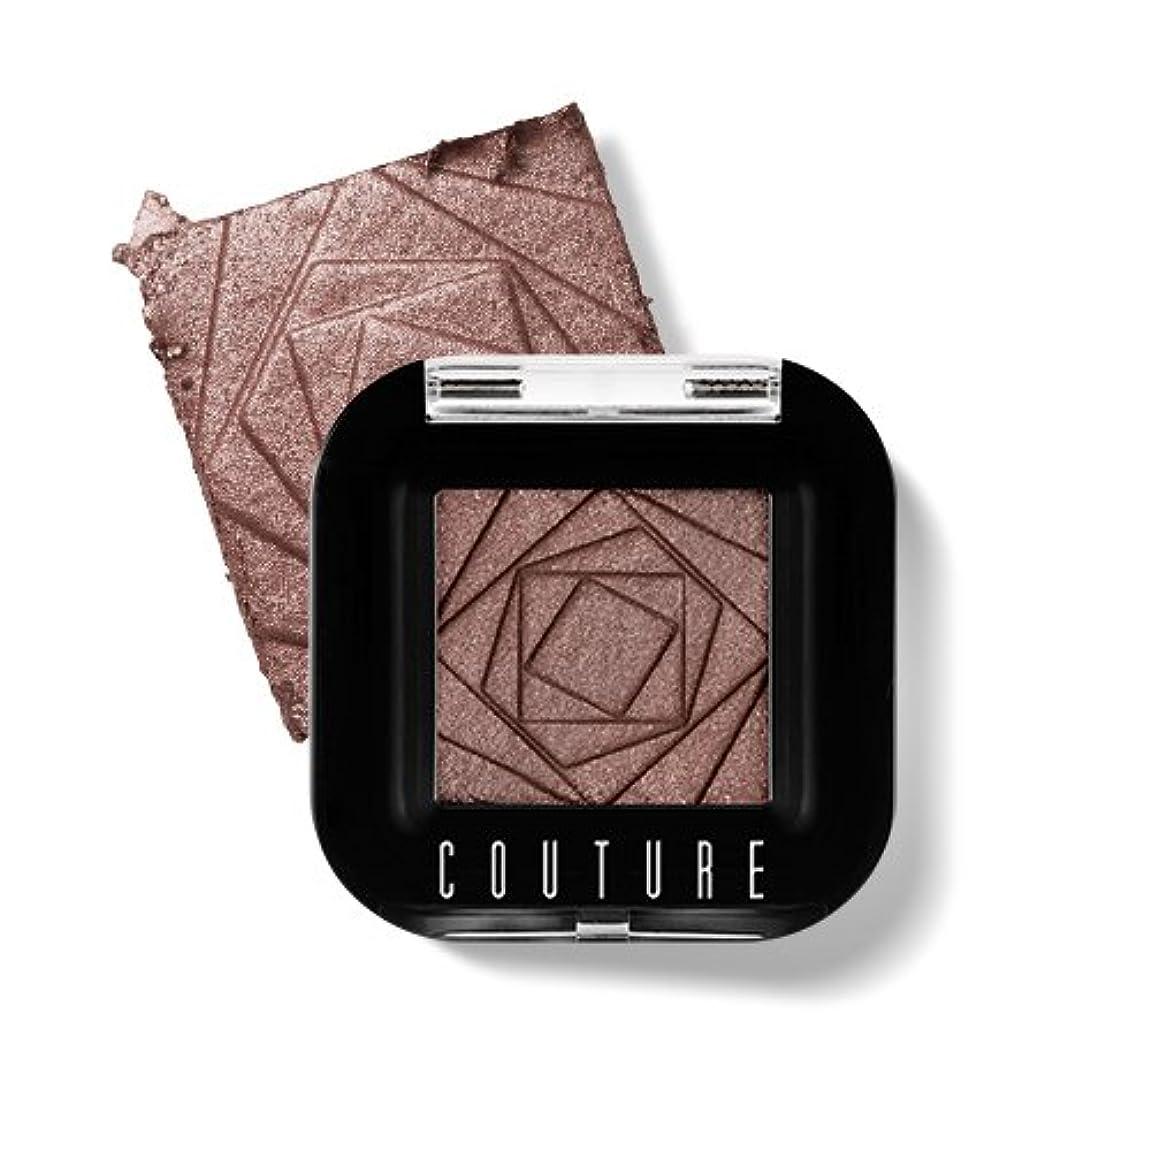 横たわるカルシウム刻むAPIEU Couture Shadow (# 5) /アピュ/オピュ クチュールシャドウ [並行輸入品]